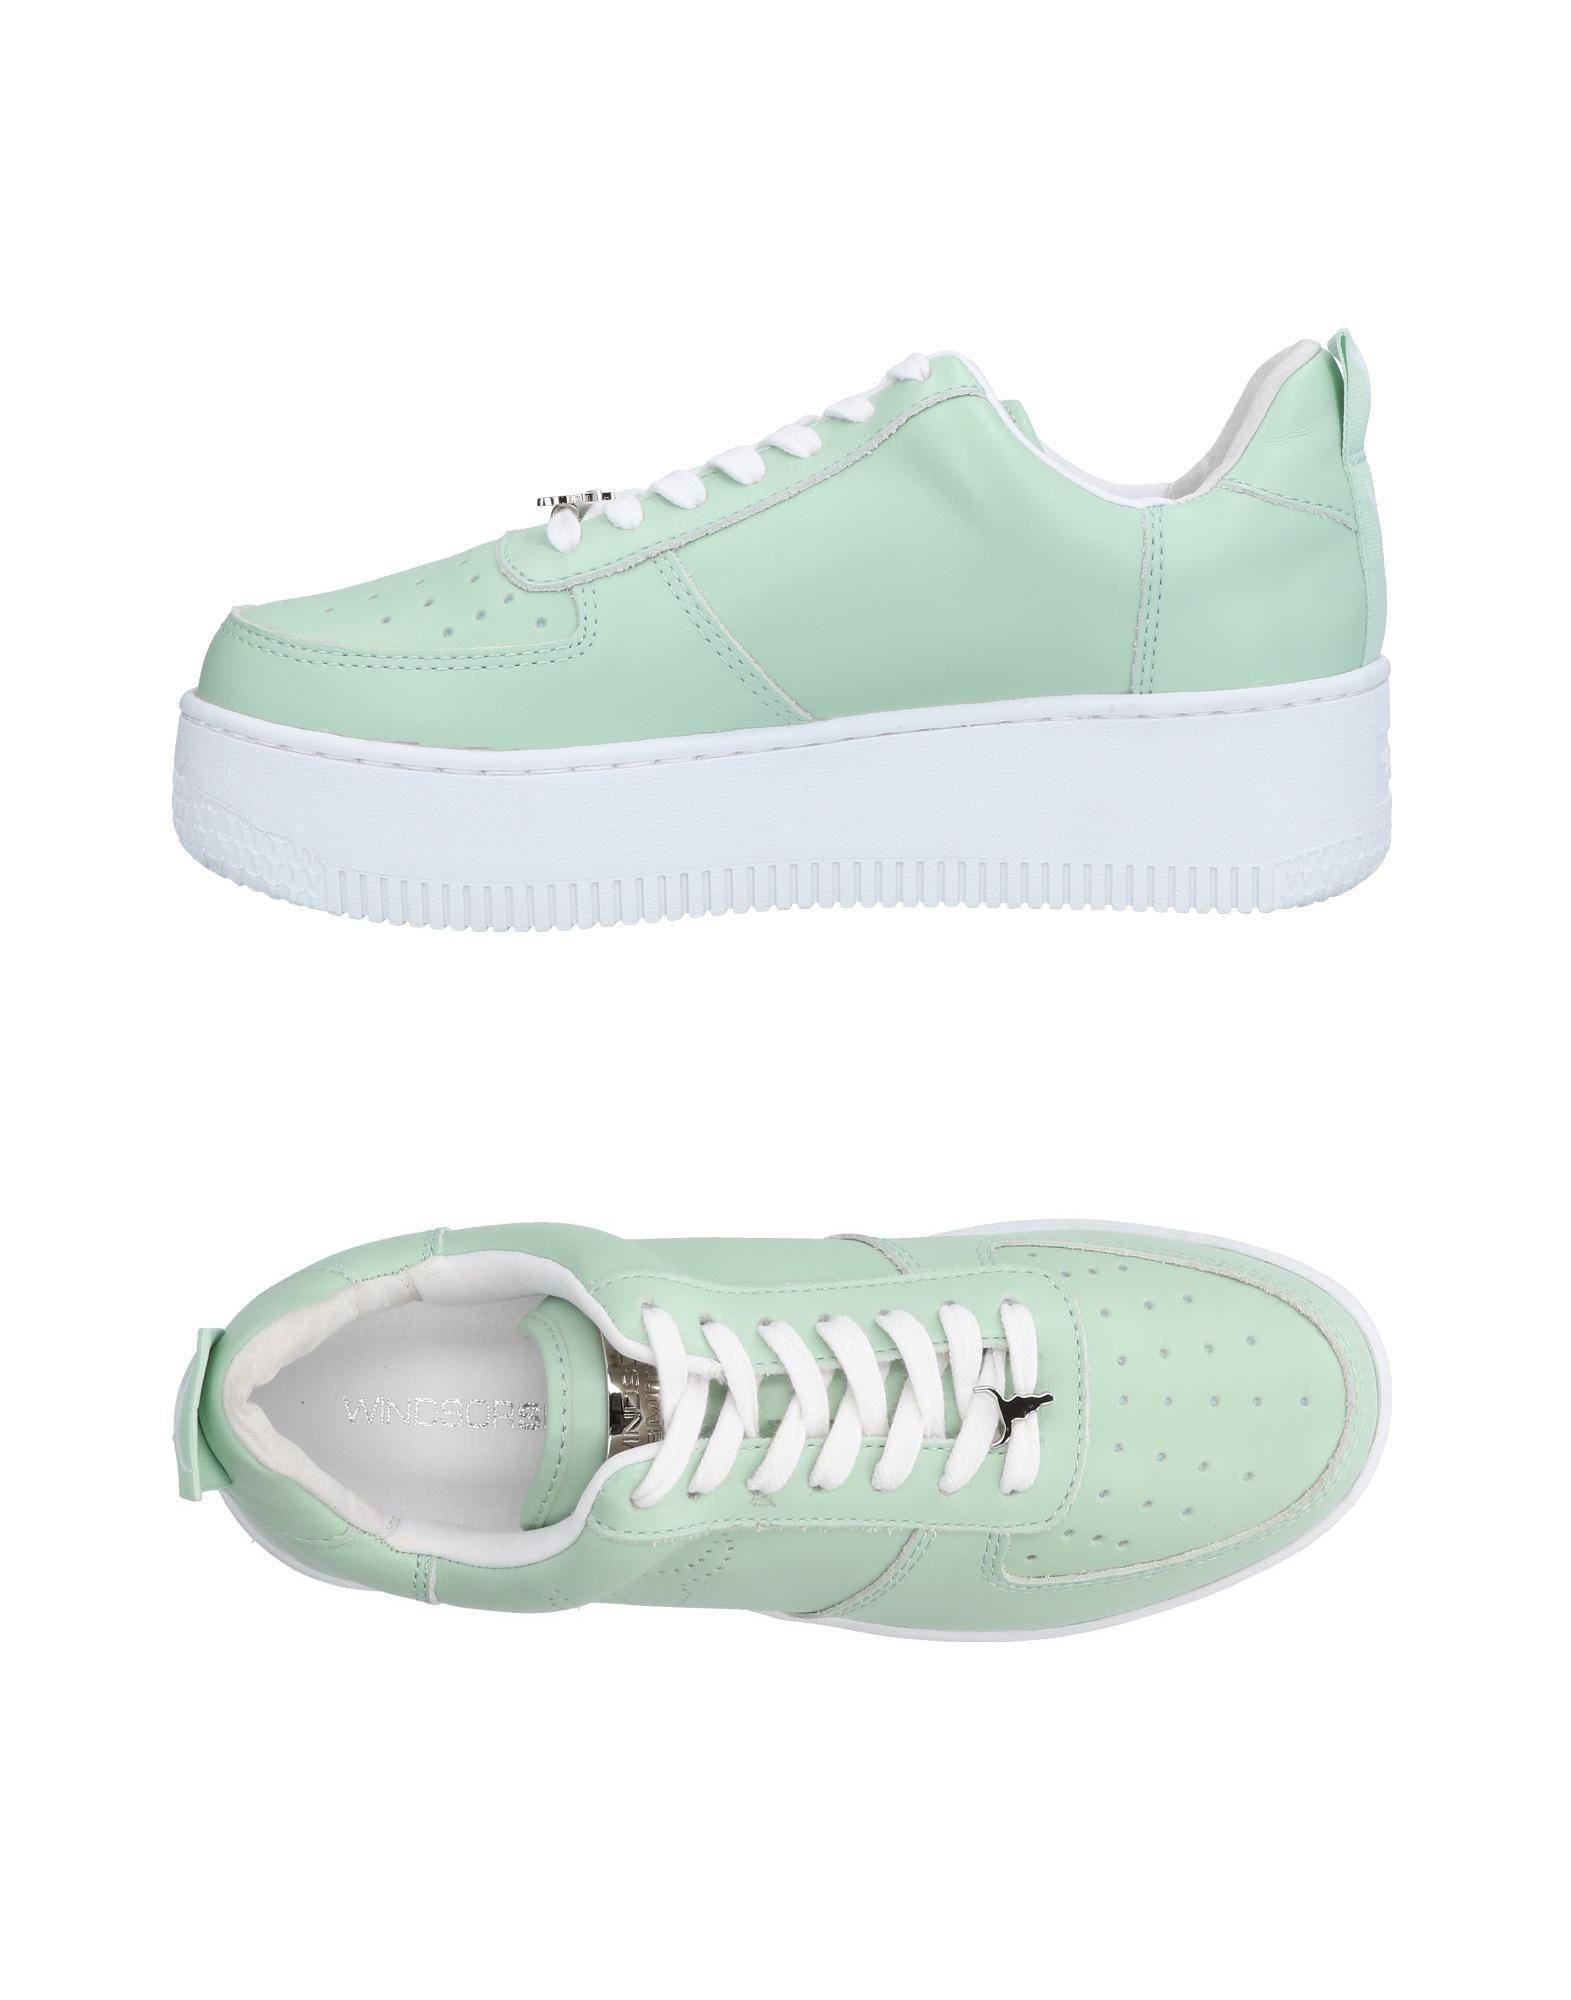 Tops Sneakers Smith Lyst amp; Low In Windsor Green qzFHSxE